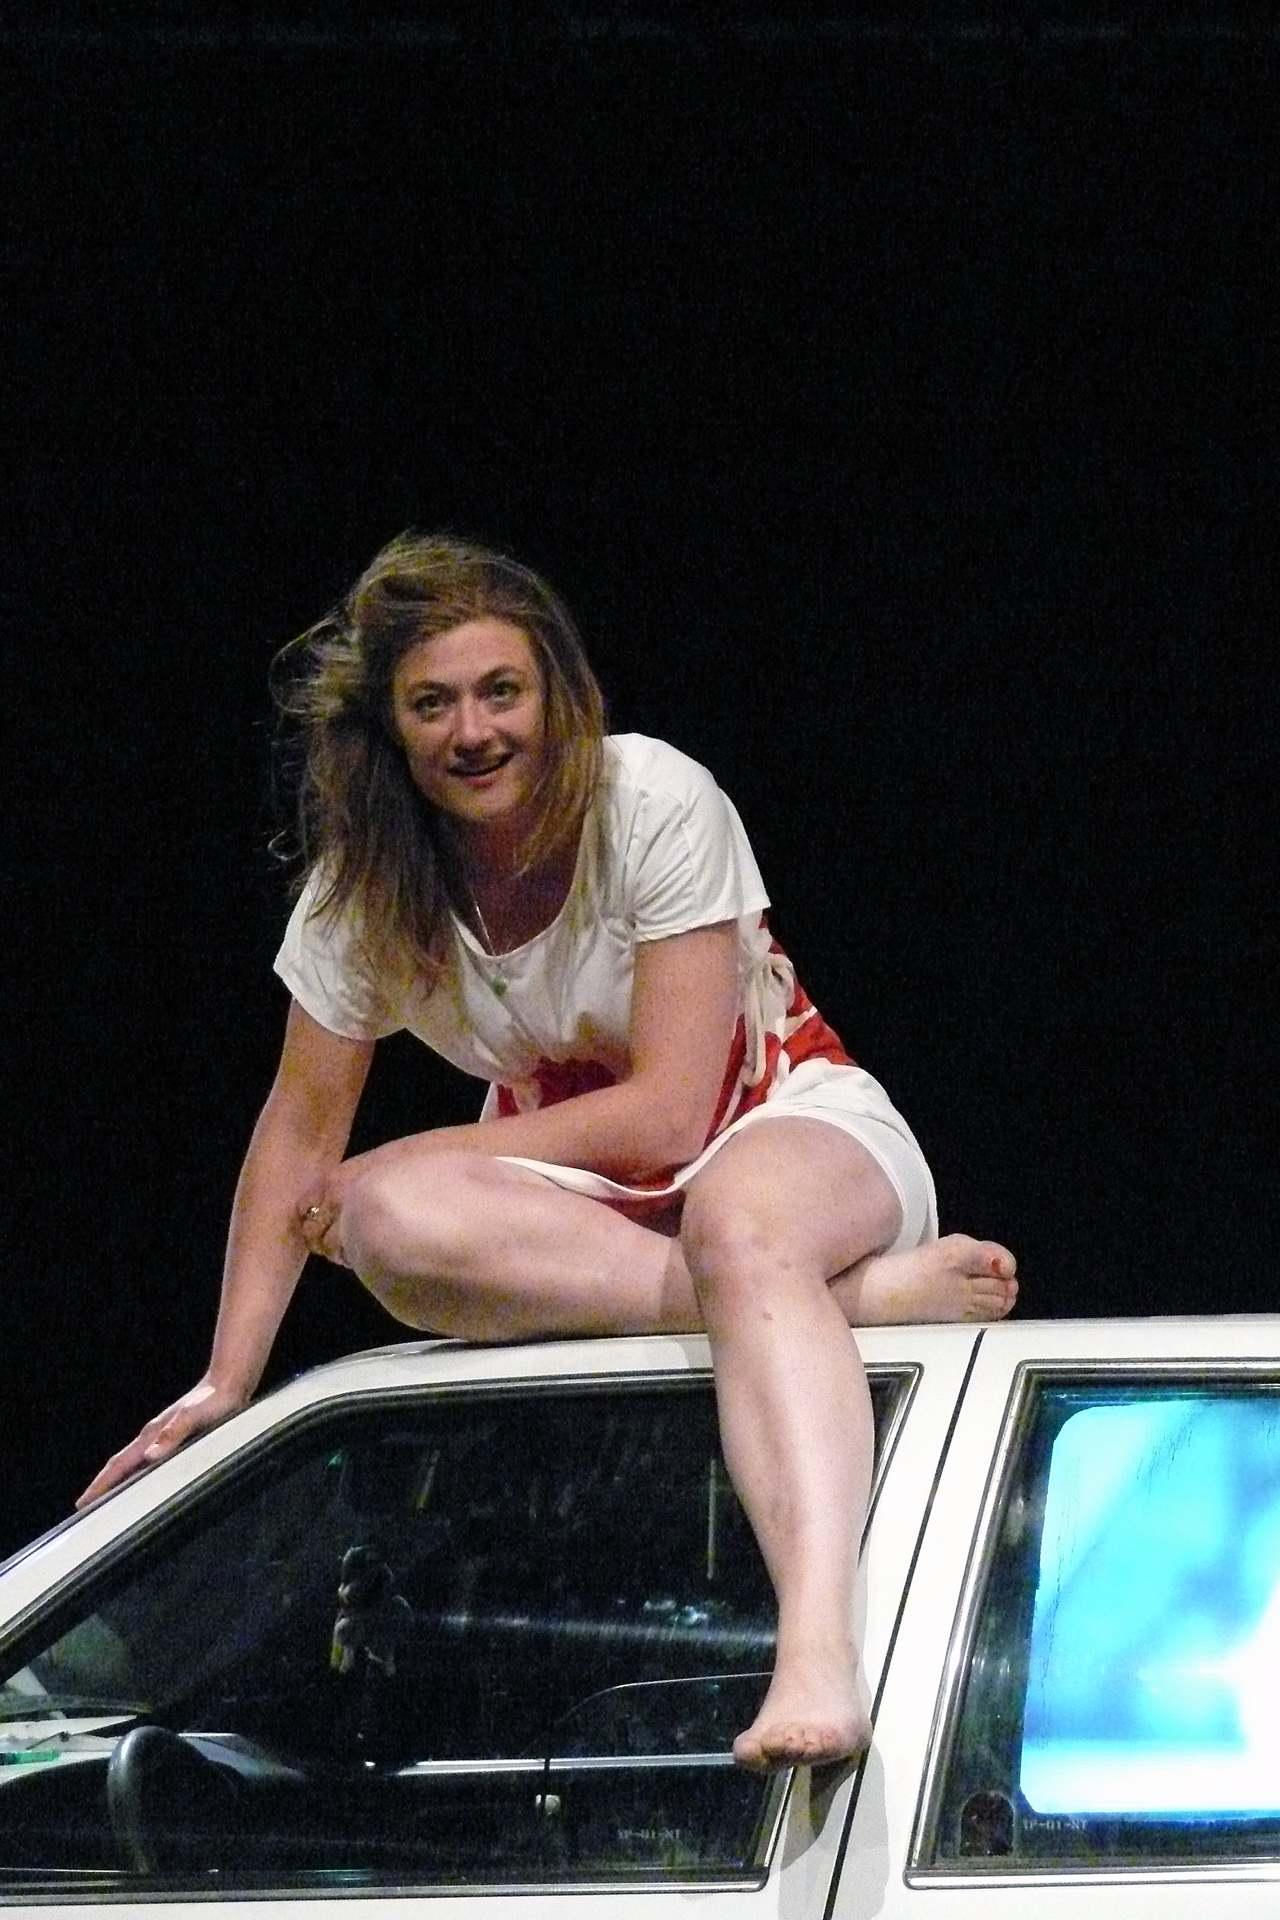 Hanneke_Scholten_Actrice_TheaterS11